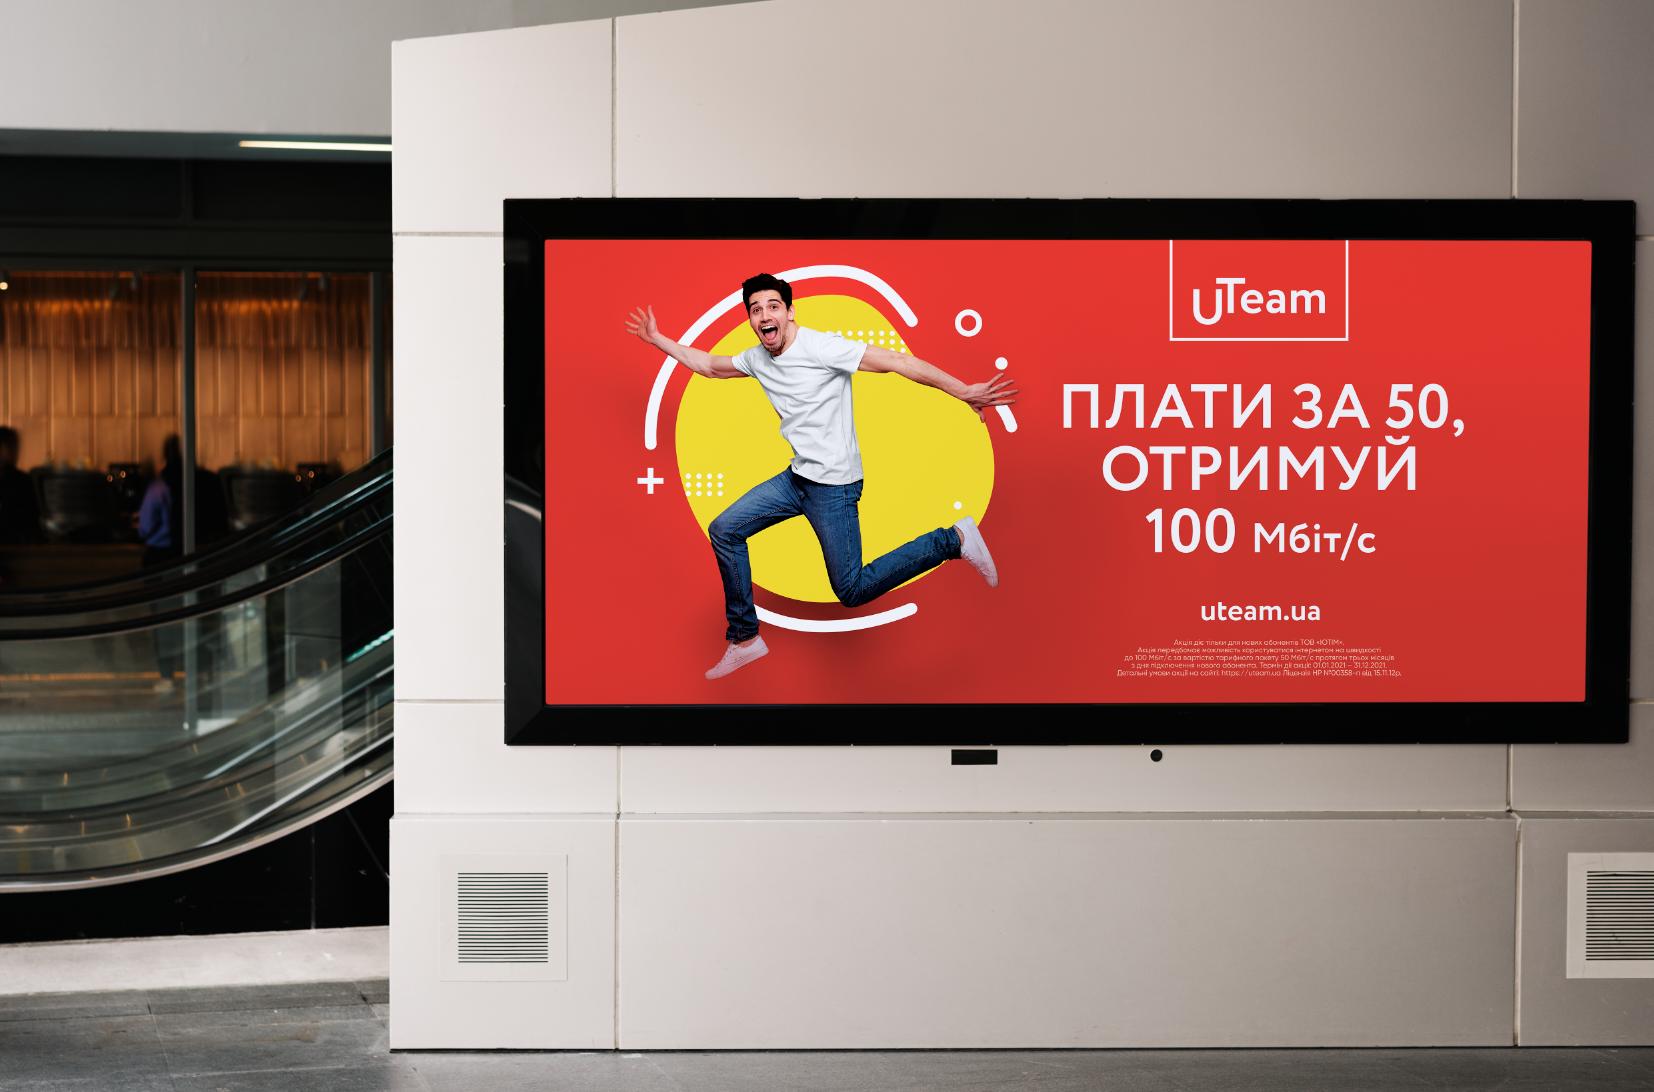 Фото Дизайн биллборда для интернет-провайдера UTeam, Ивано-Франковск